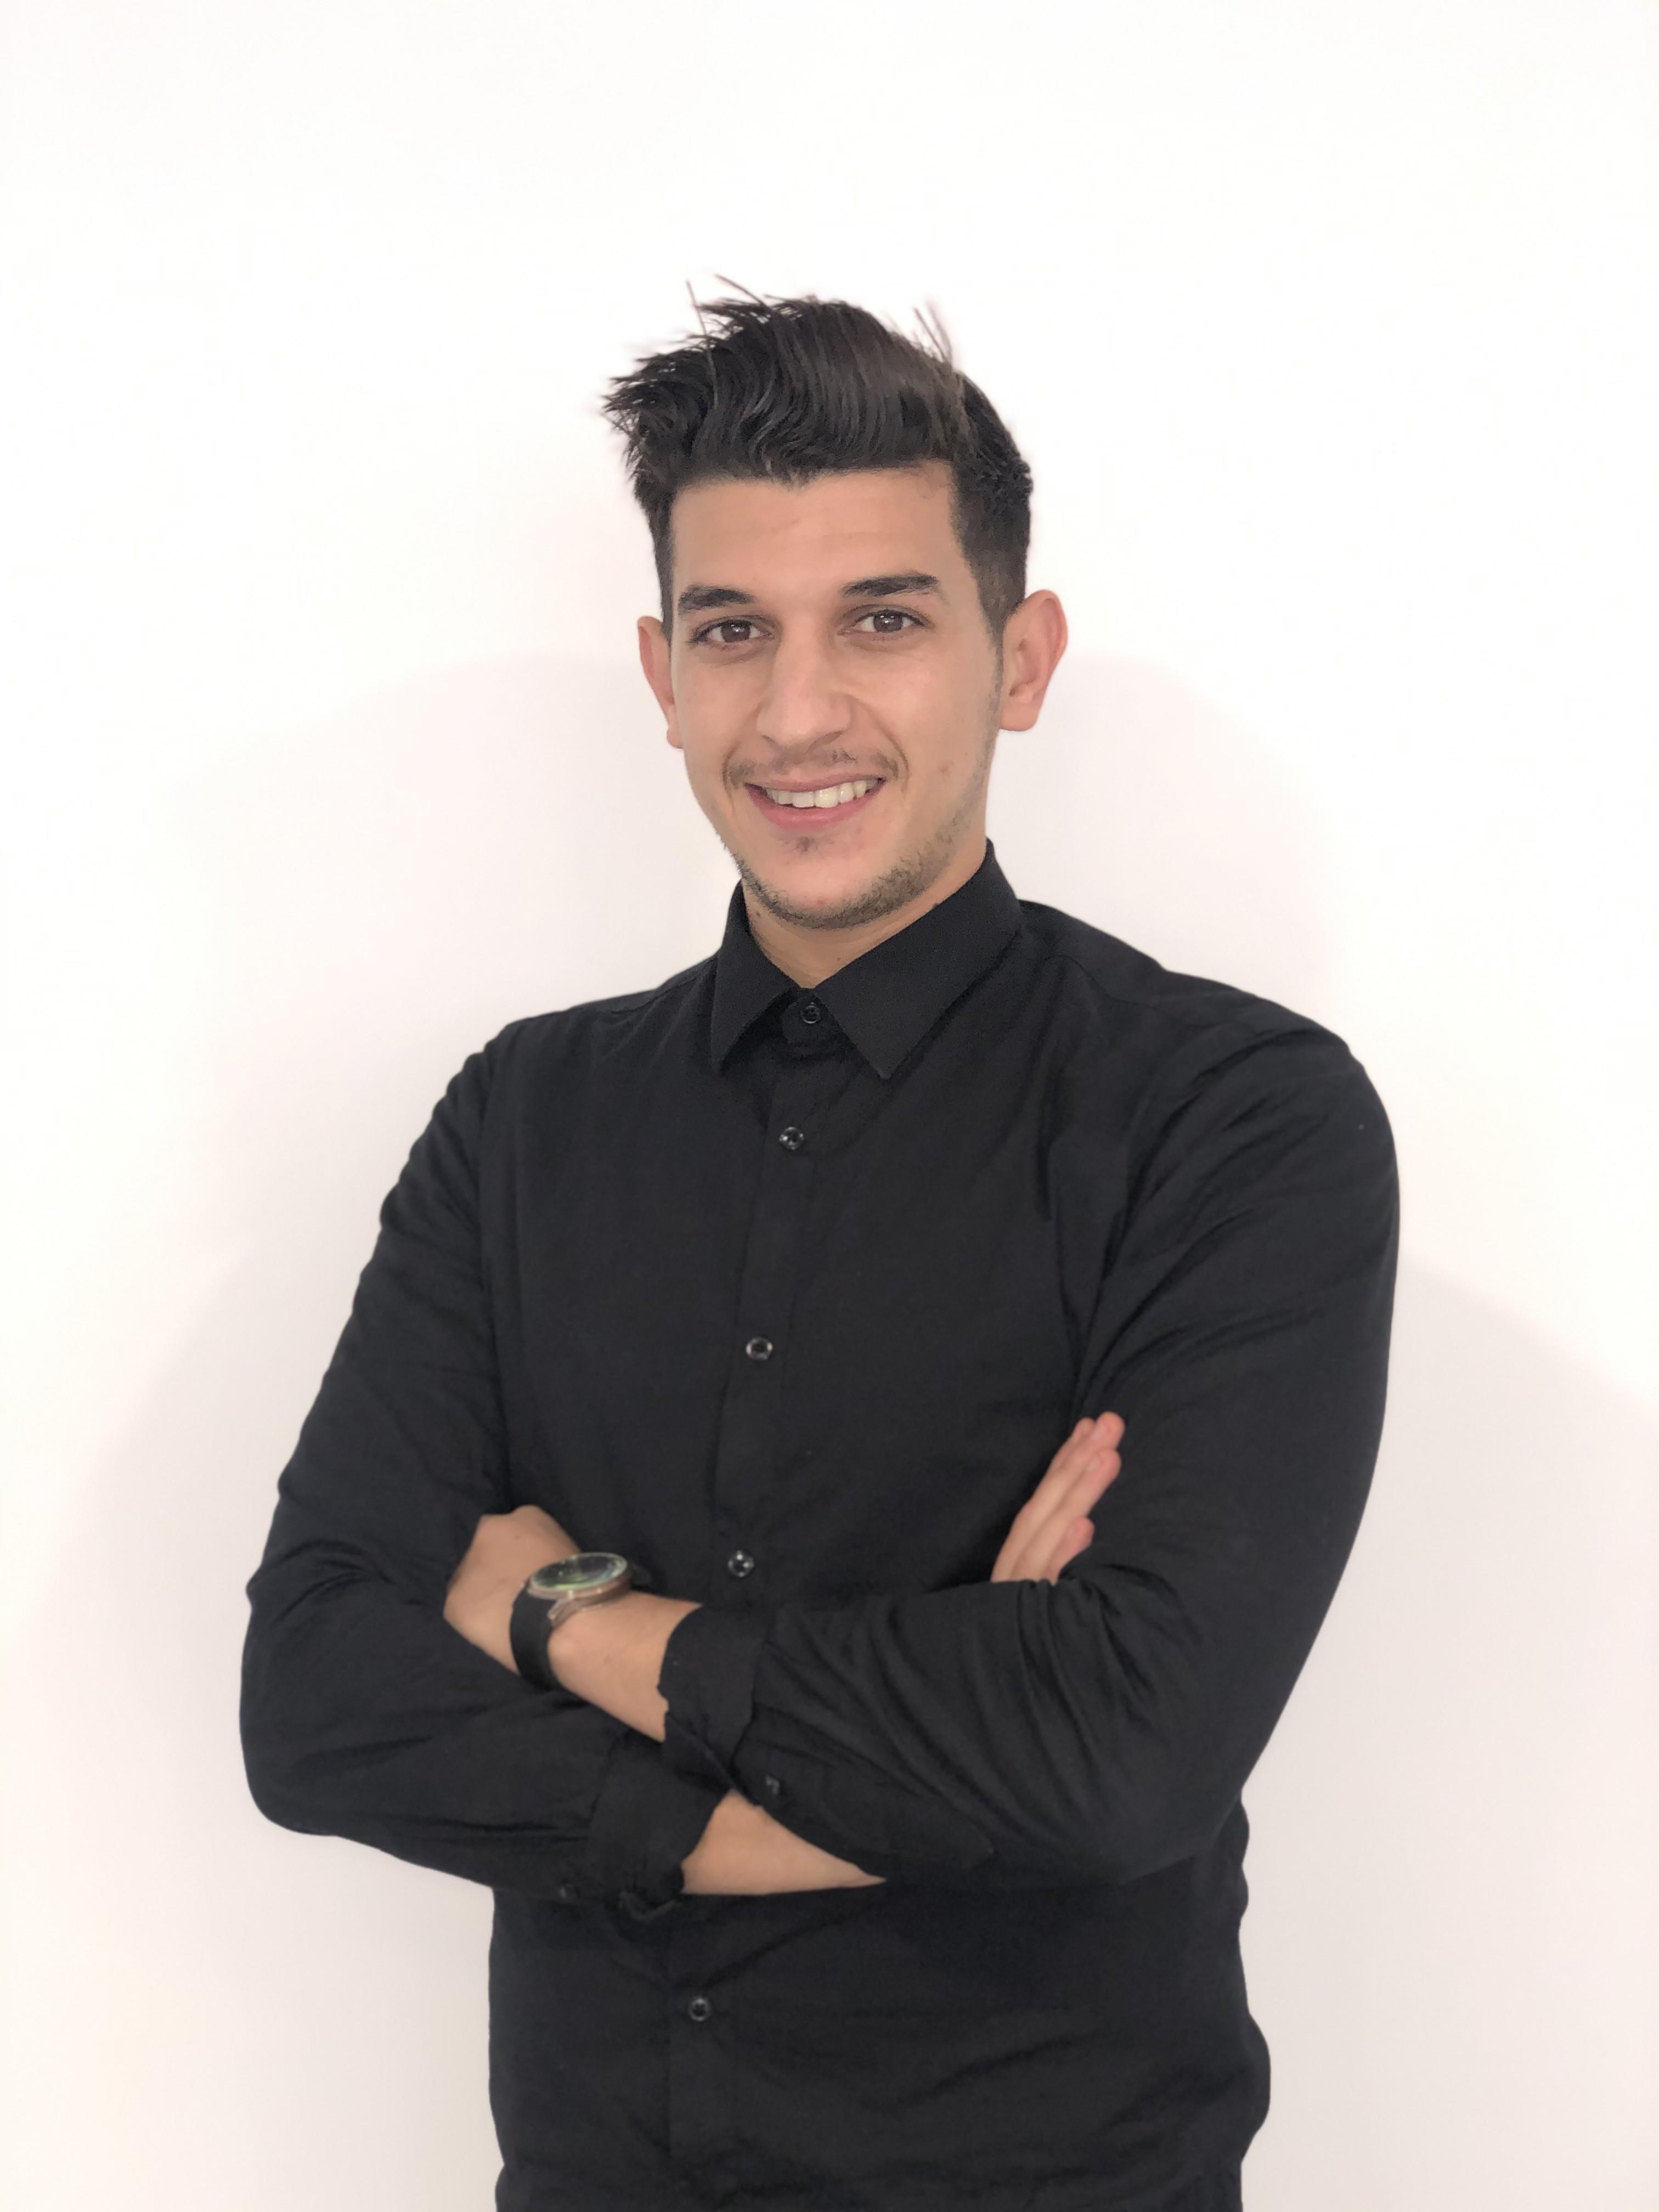 Bena Zoubai